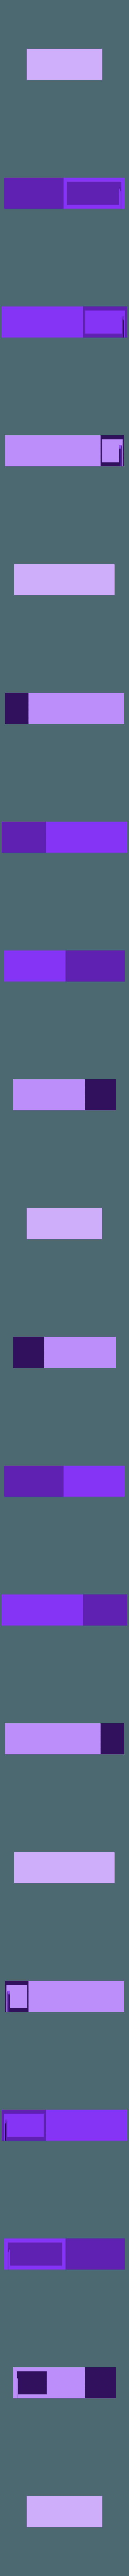 deck-box-60.stl Télécharger fichier STL gratuit Boîte de rangement Yu-Gi-Oh • Design pour impression 3D, plokr